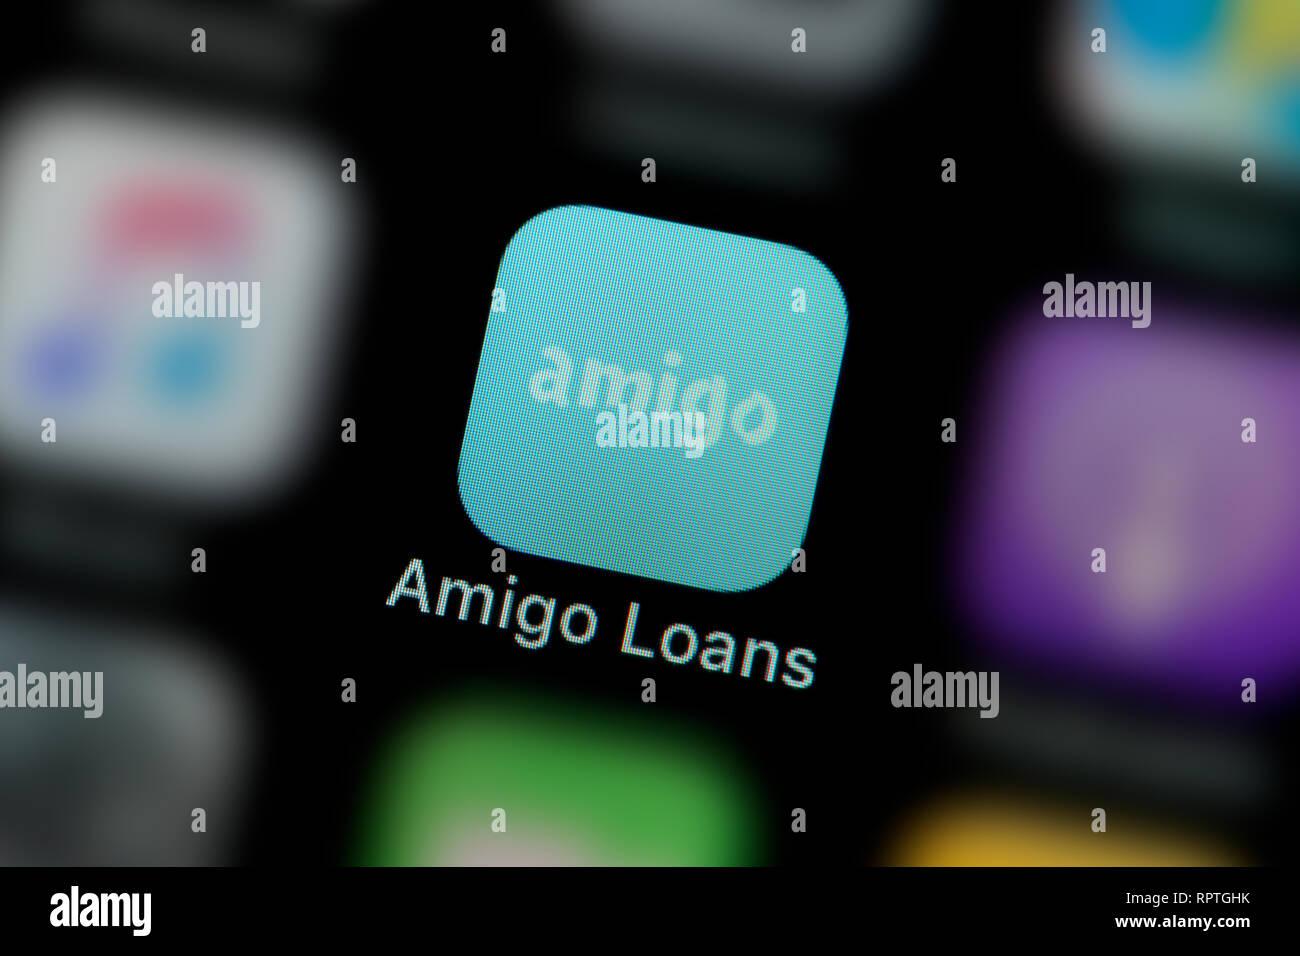 Un primer plano del Amigo préstamos app icono, como se ve en la pantalla de un teléfono inteligente (uso Editorial solamente) Imagen De Stock